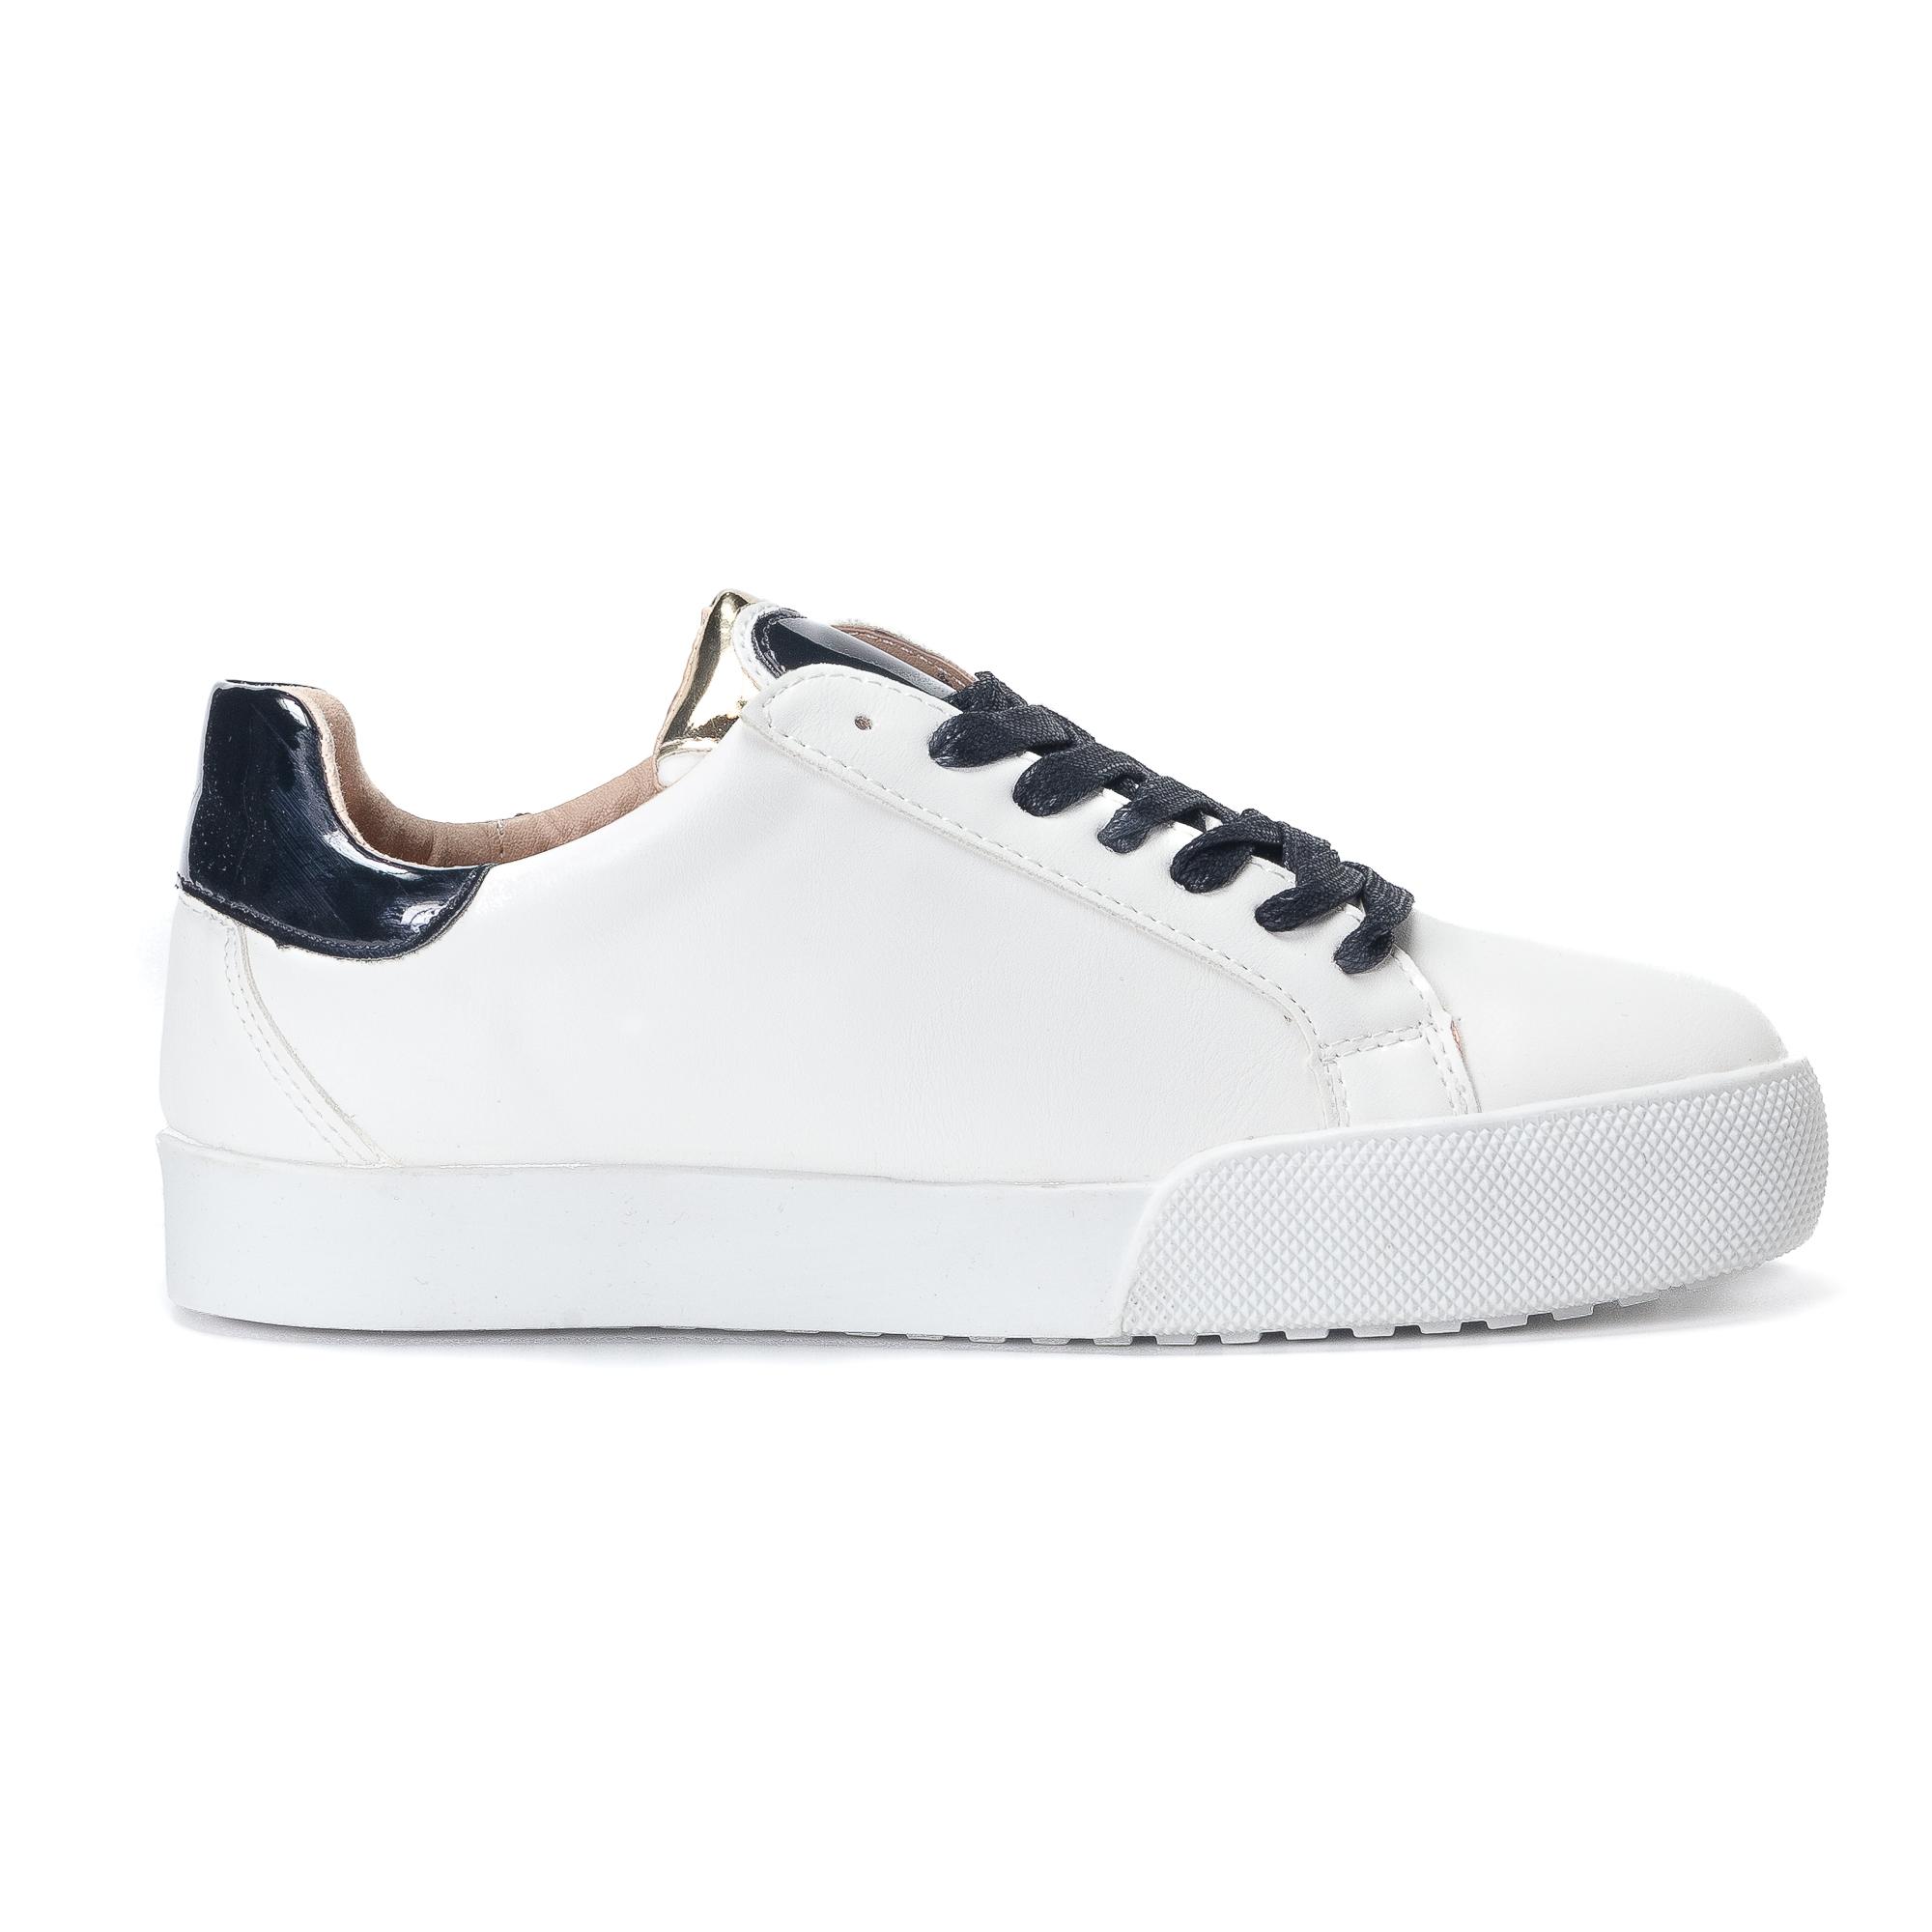 Γυναικεία λευκά sneakers από οικολογικό δέρμα με μαύρες λεπτομέρειες και κορδόνια